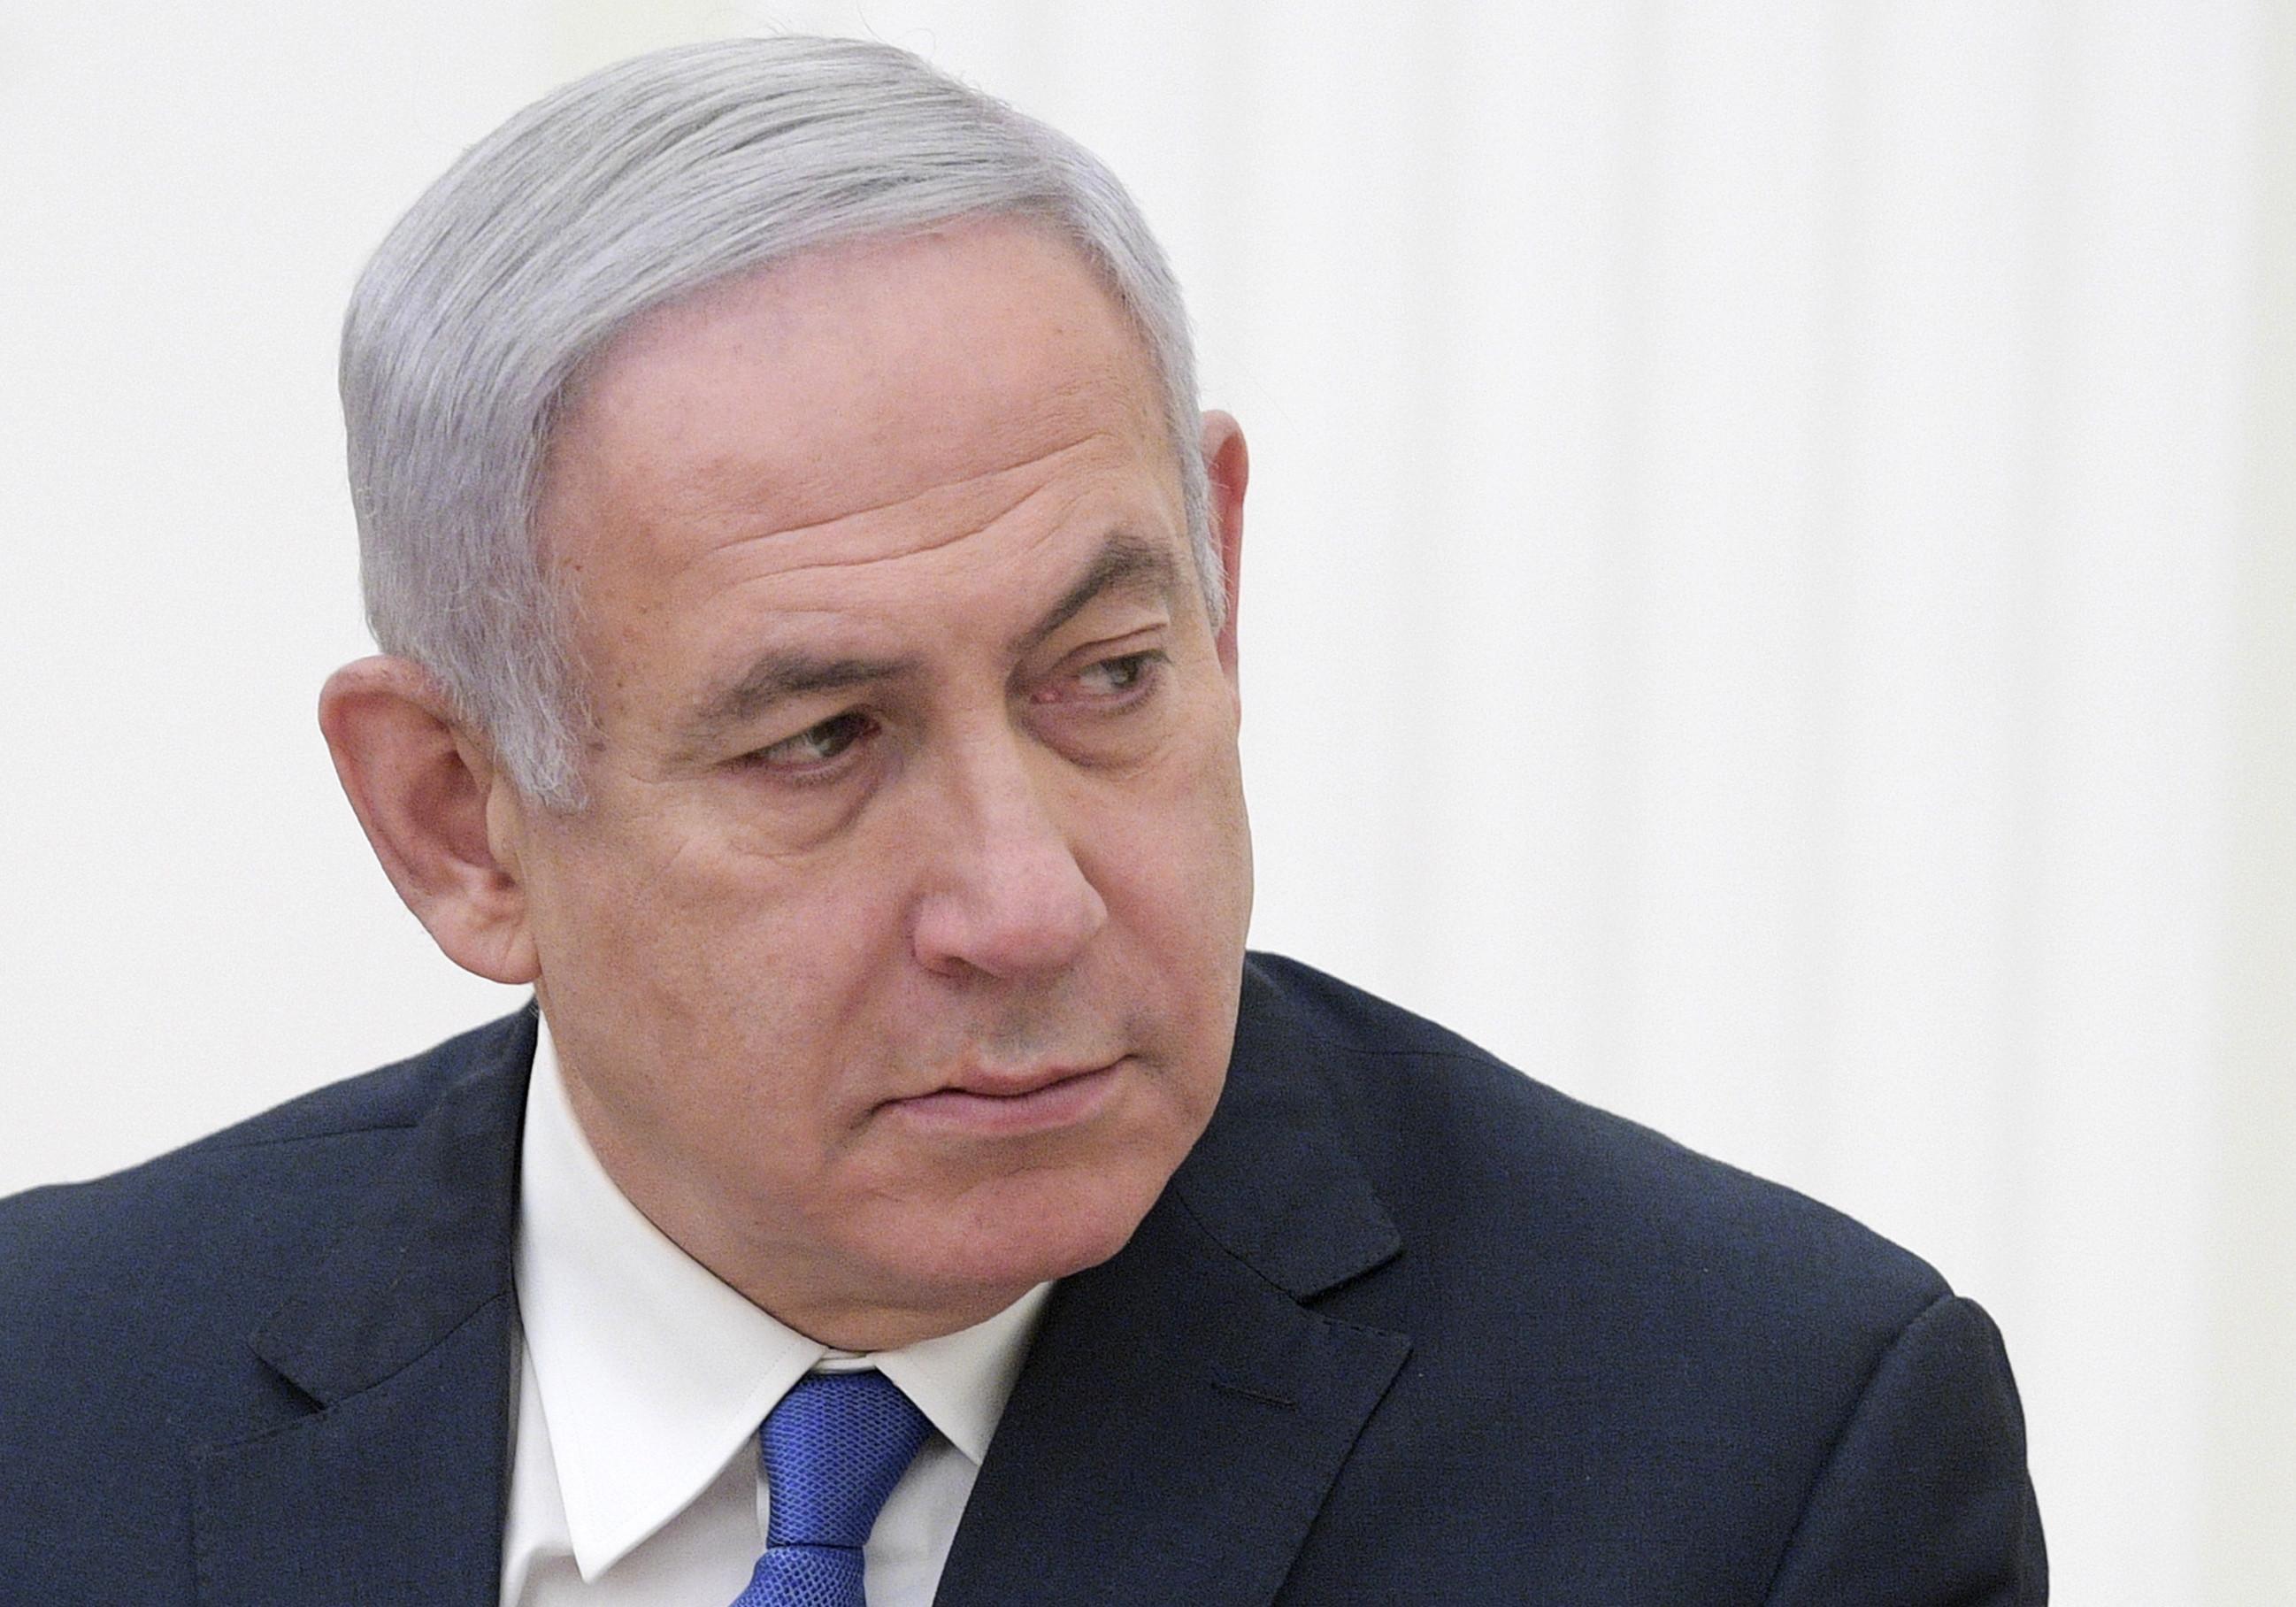 Netanyahu promete anexar partes da Cisjordânia se for reeleito